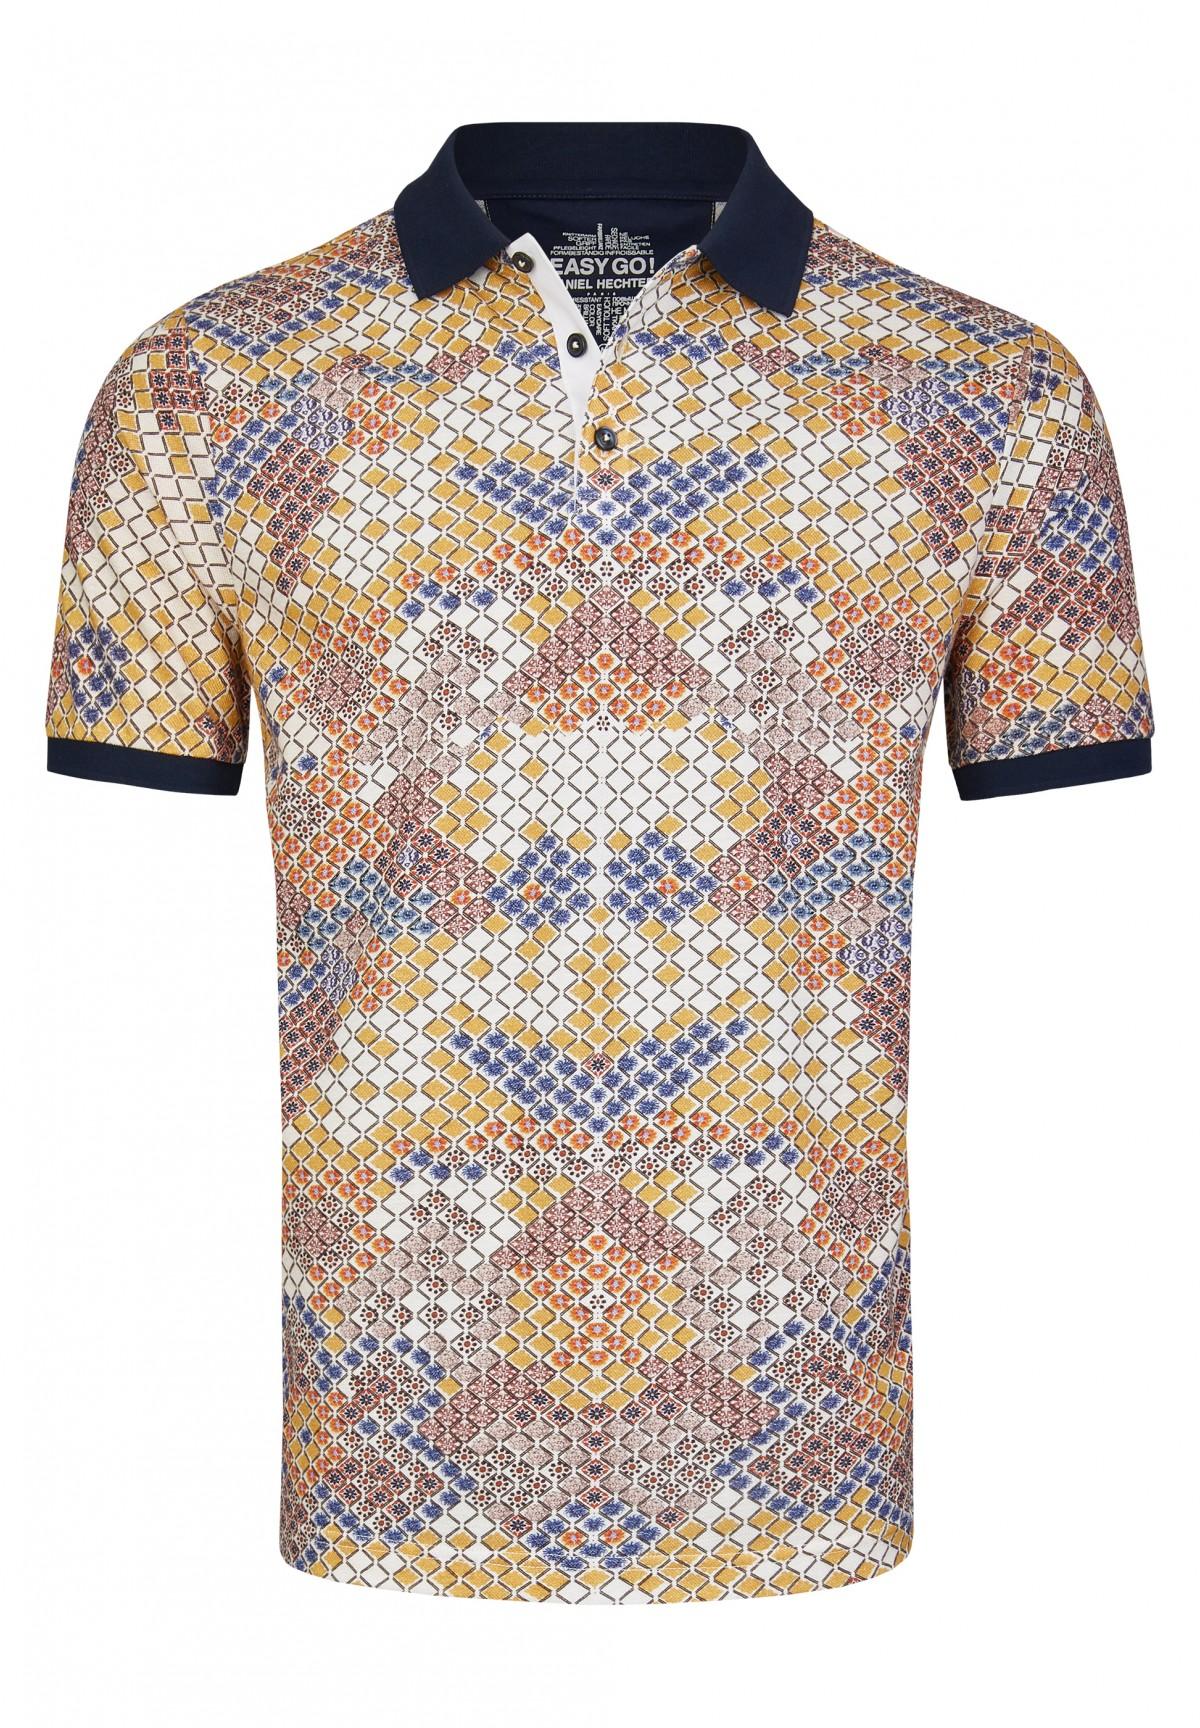 Stylisches Polo Shirt mit sommerlichem Druck / POLO